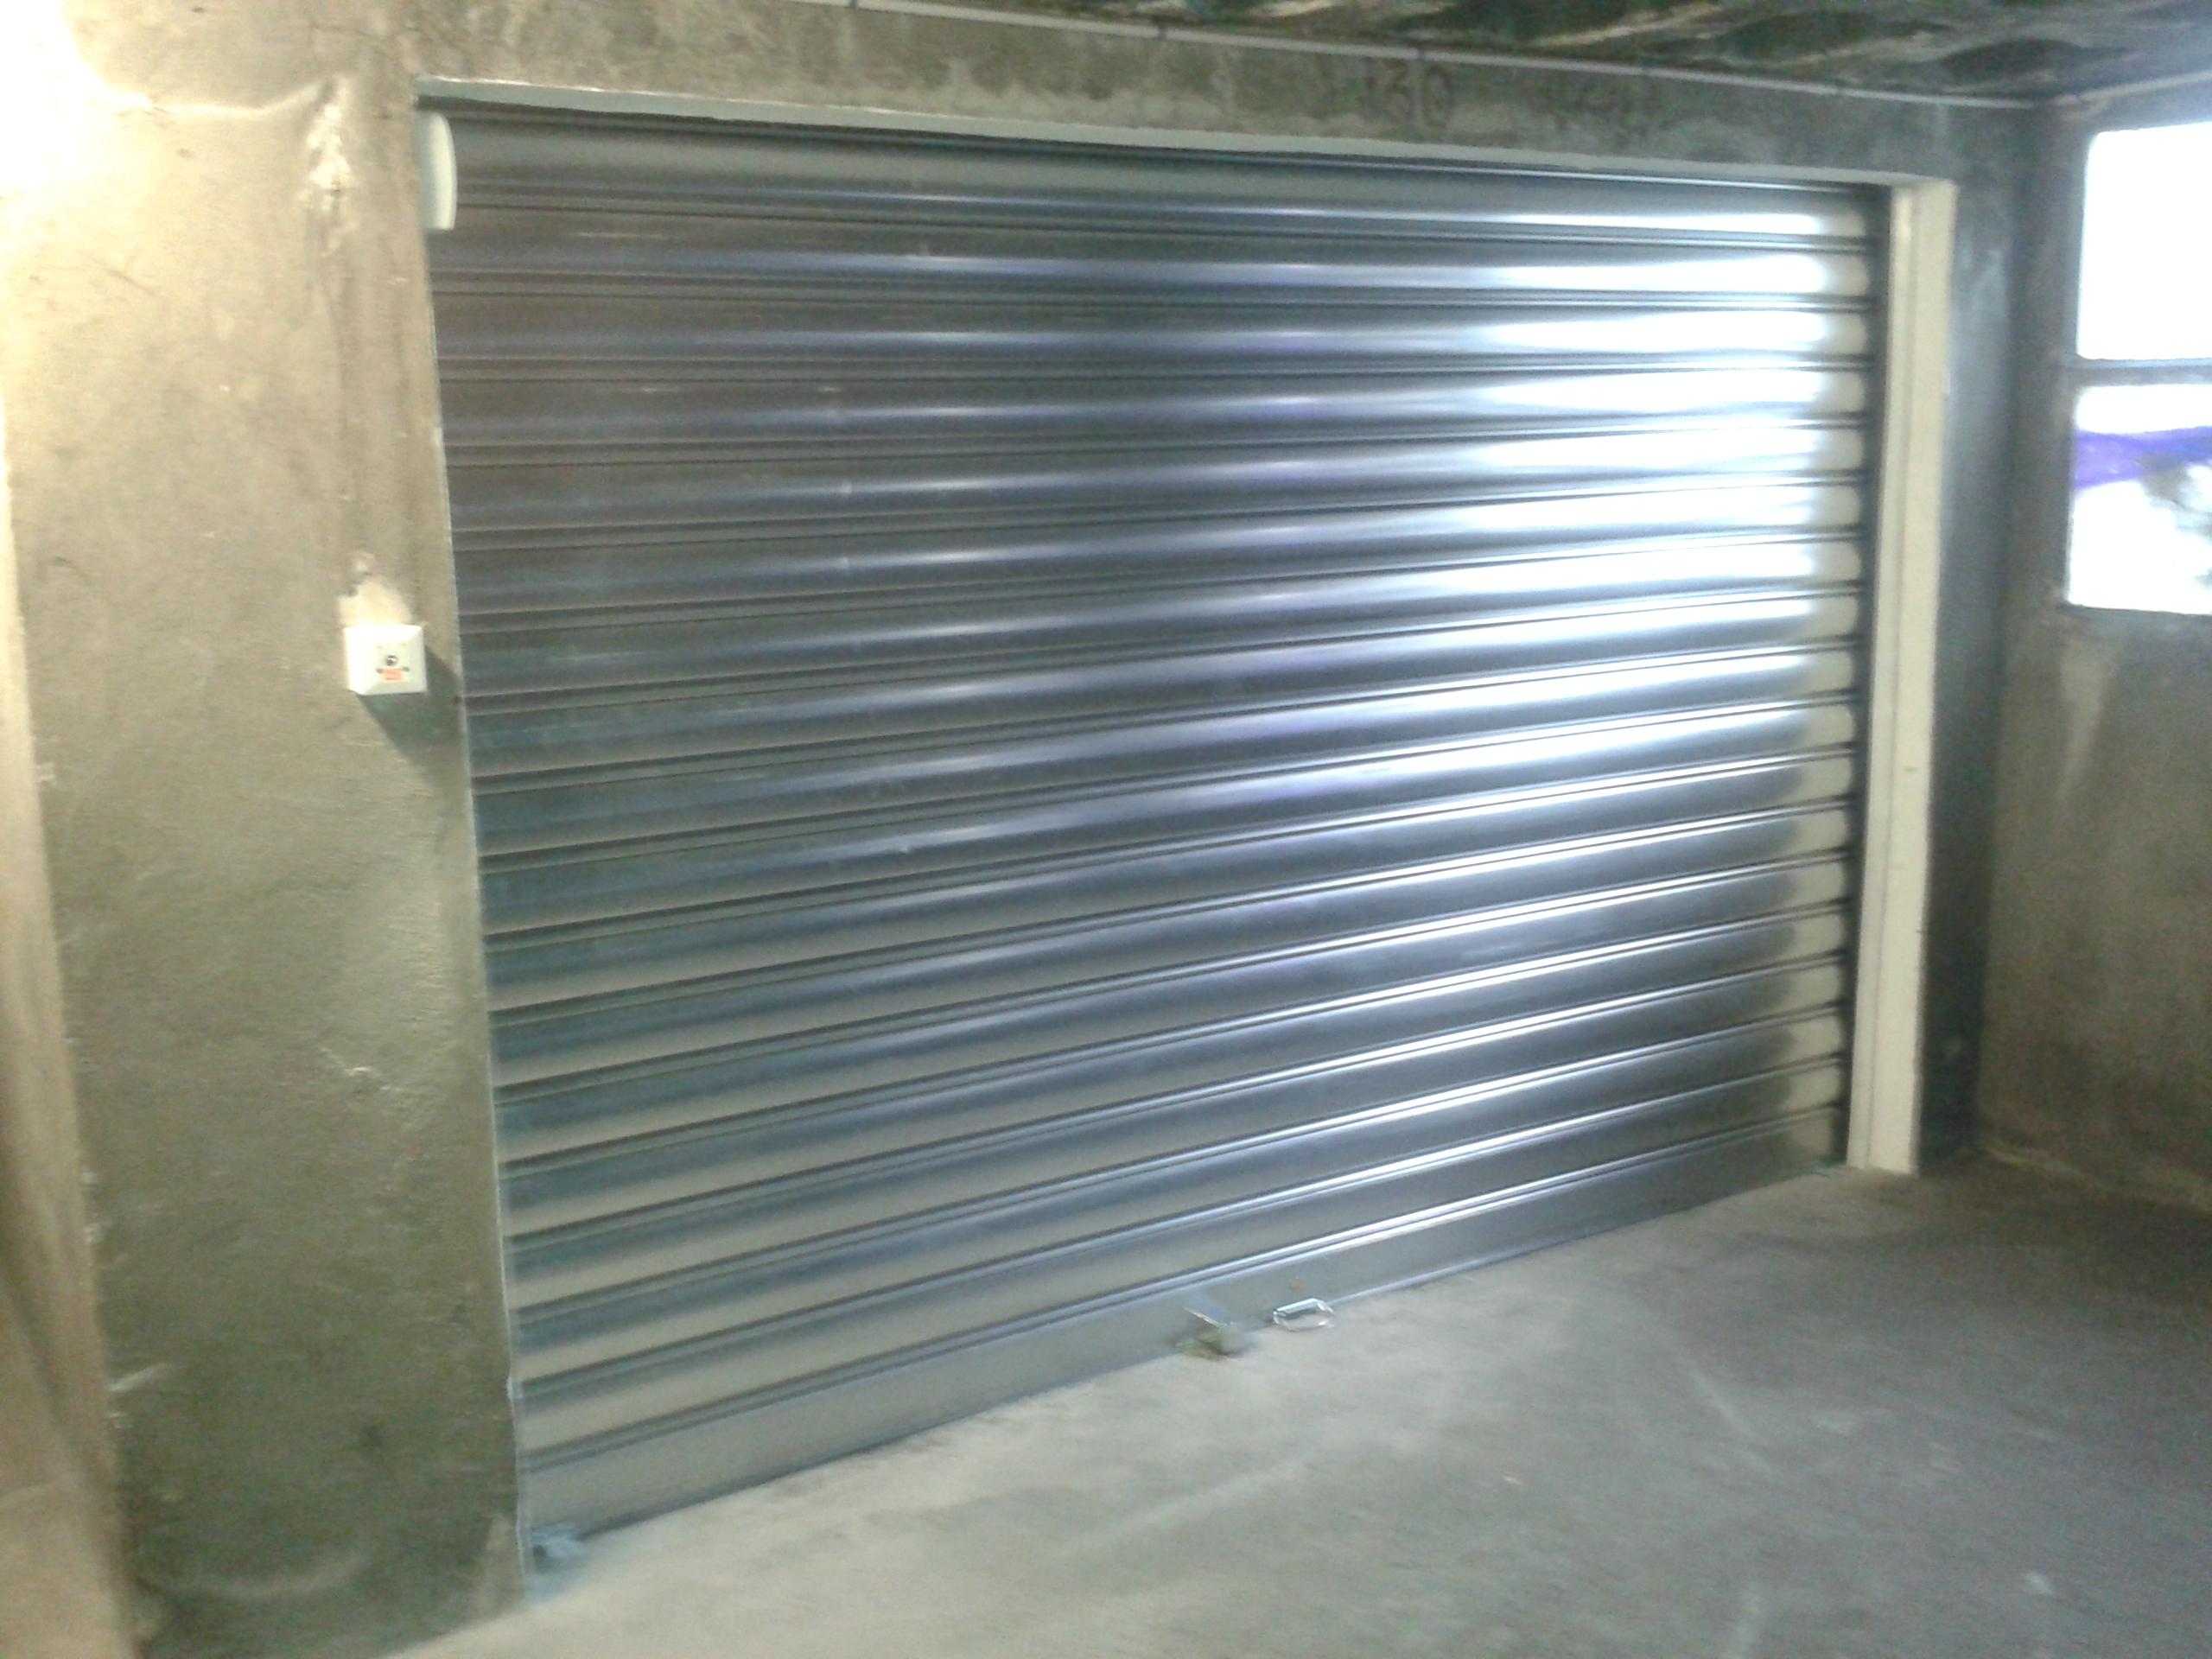 Rideaux m talliques entreprise guillot serrurier for Rideau electrique garage